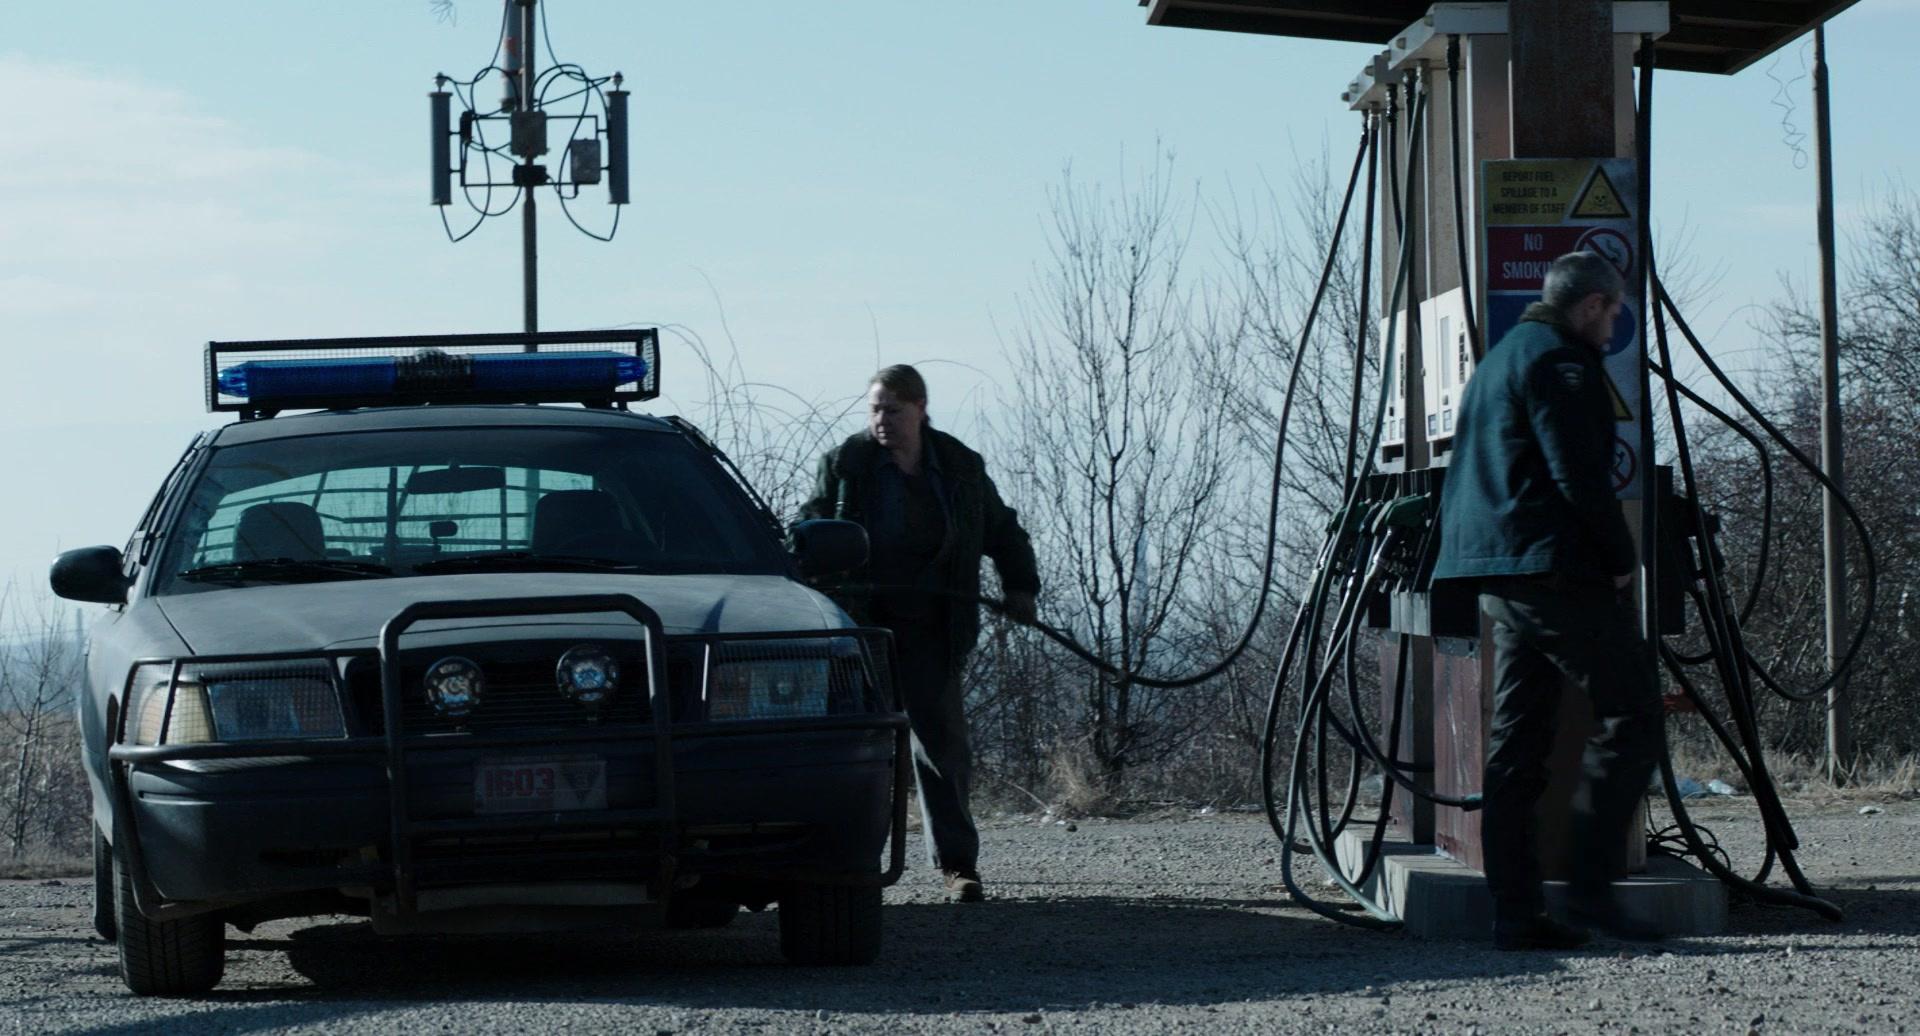 Сектор Зеро: Полиция будущего - Серия 2